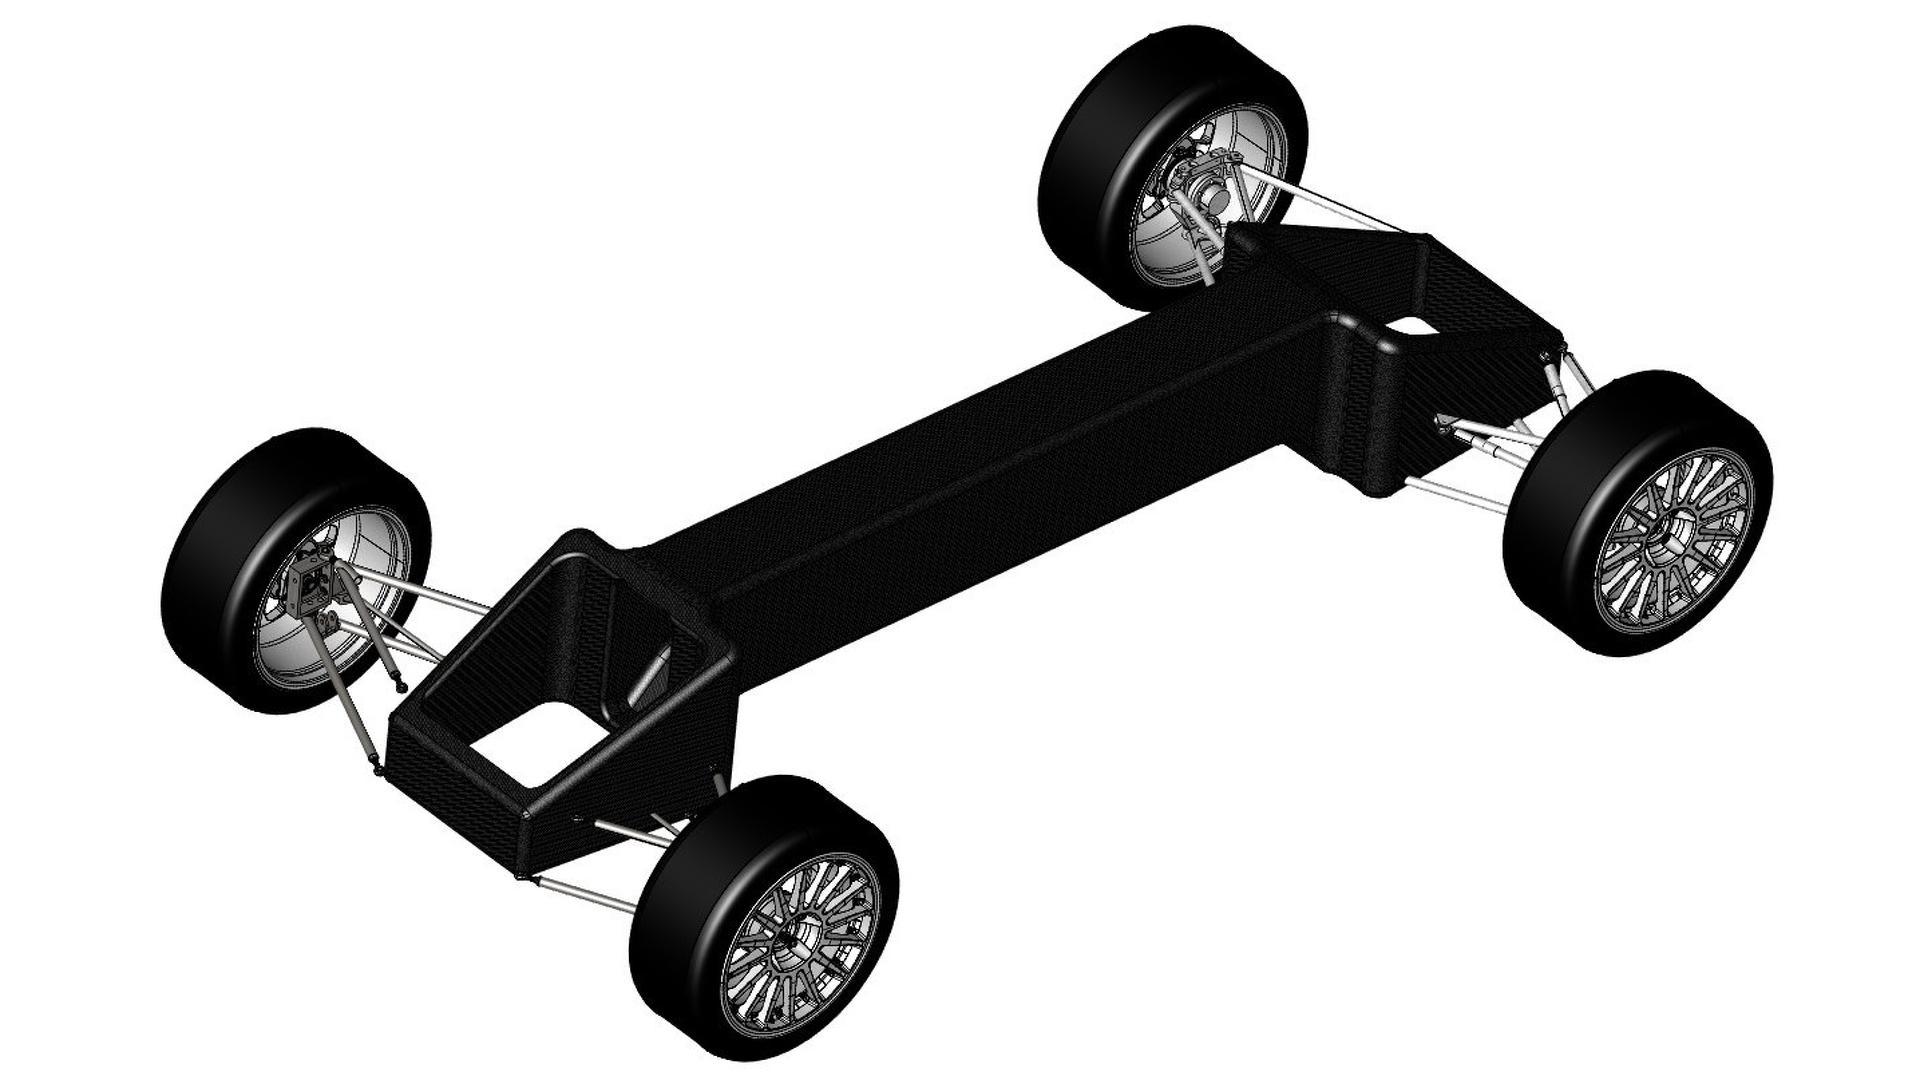 Panoz_GT-EV_racecar_07